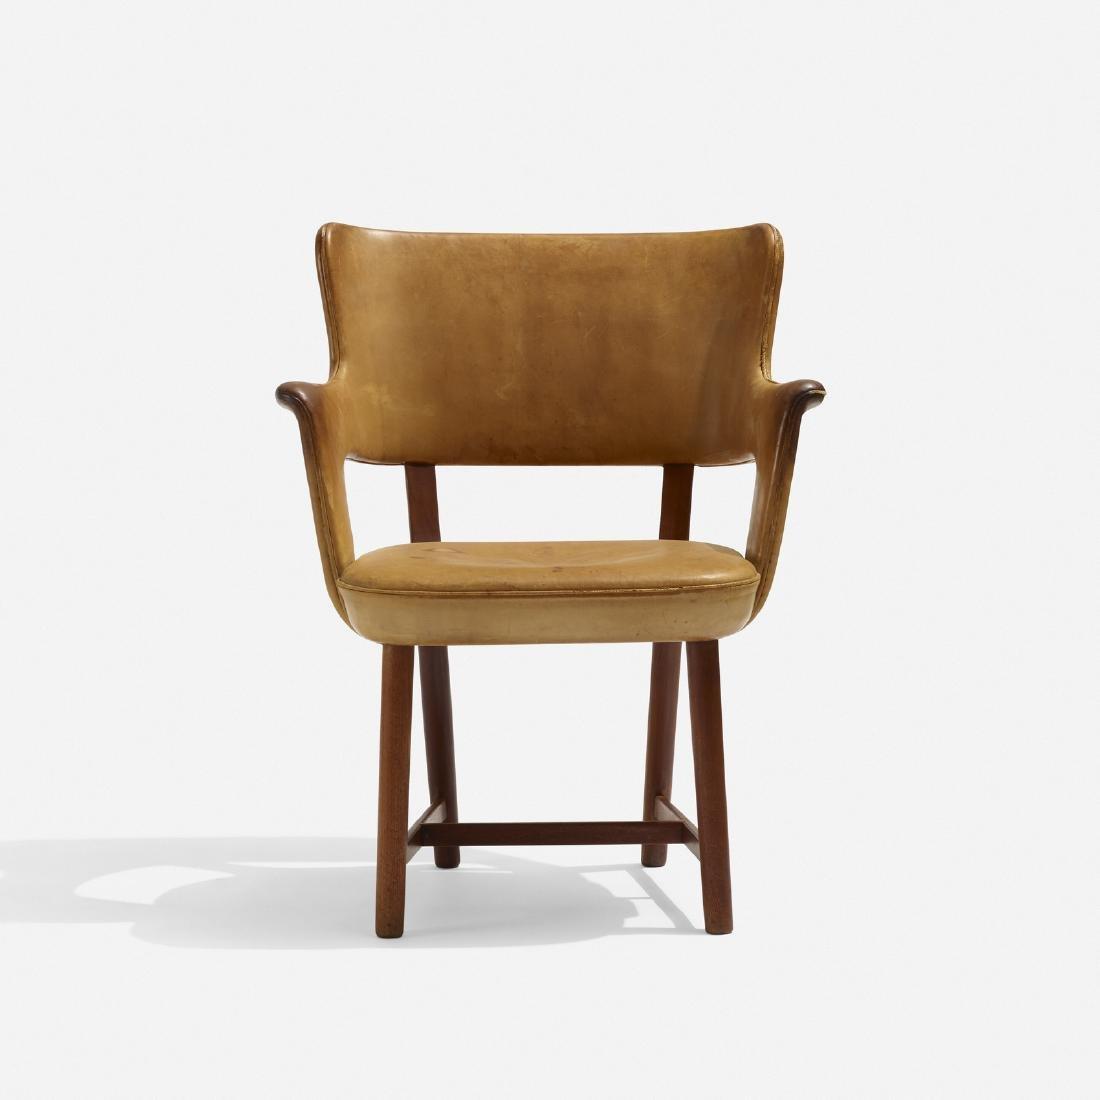 Tyge Hvass, armchair